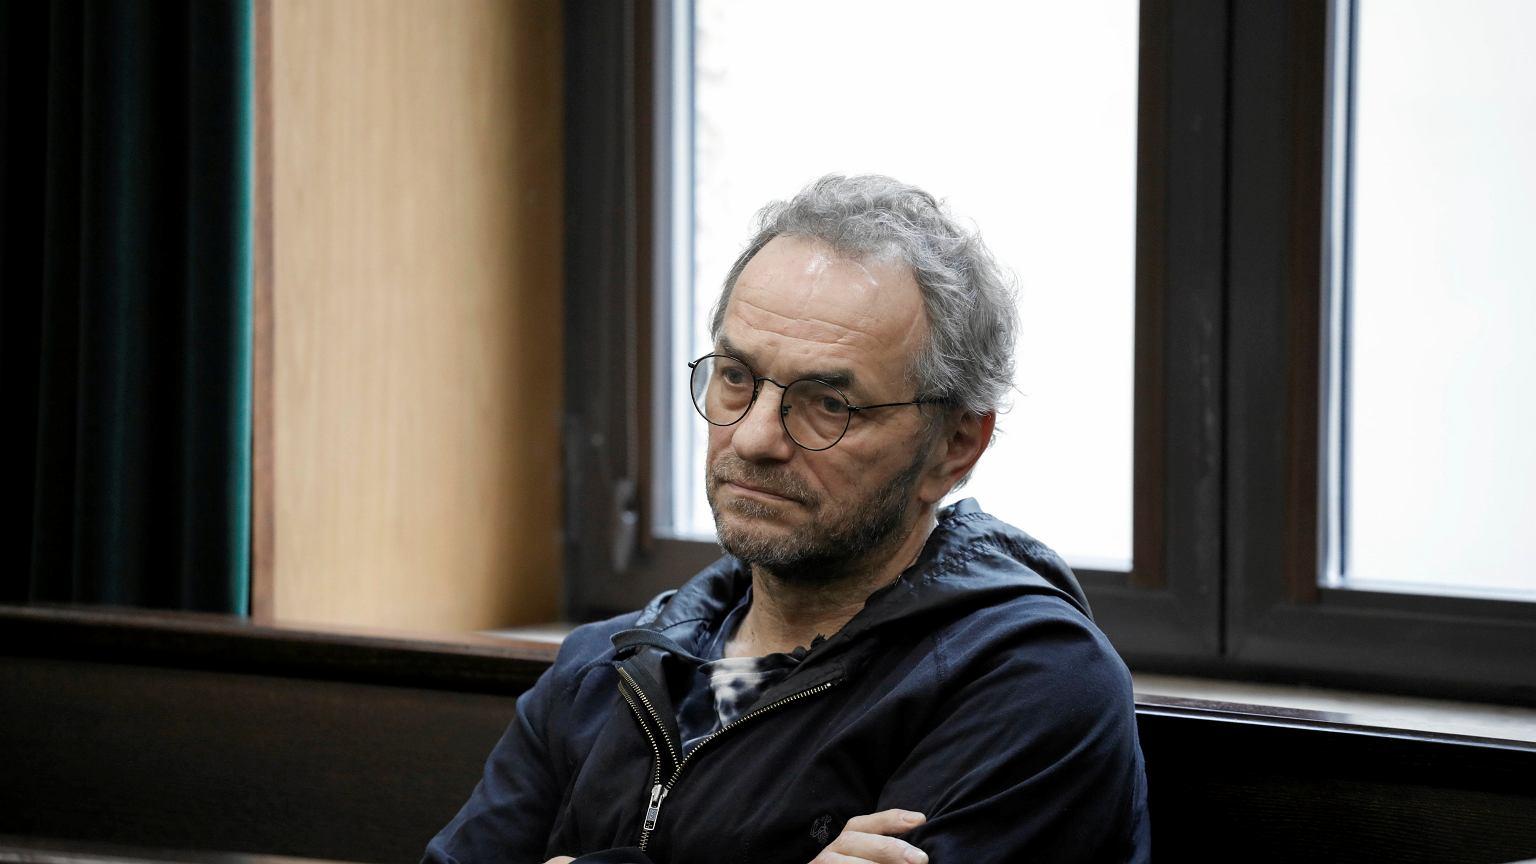 Piotr Najsztub komentuje medialne doniesienia nt. decyzji SN w swojej sprawie.